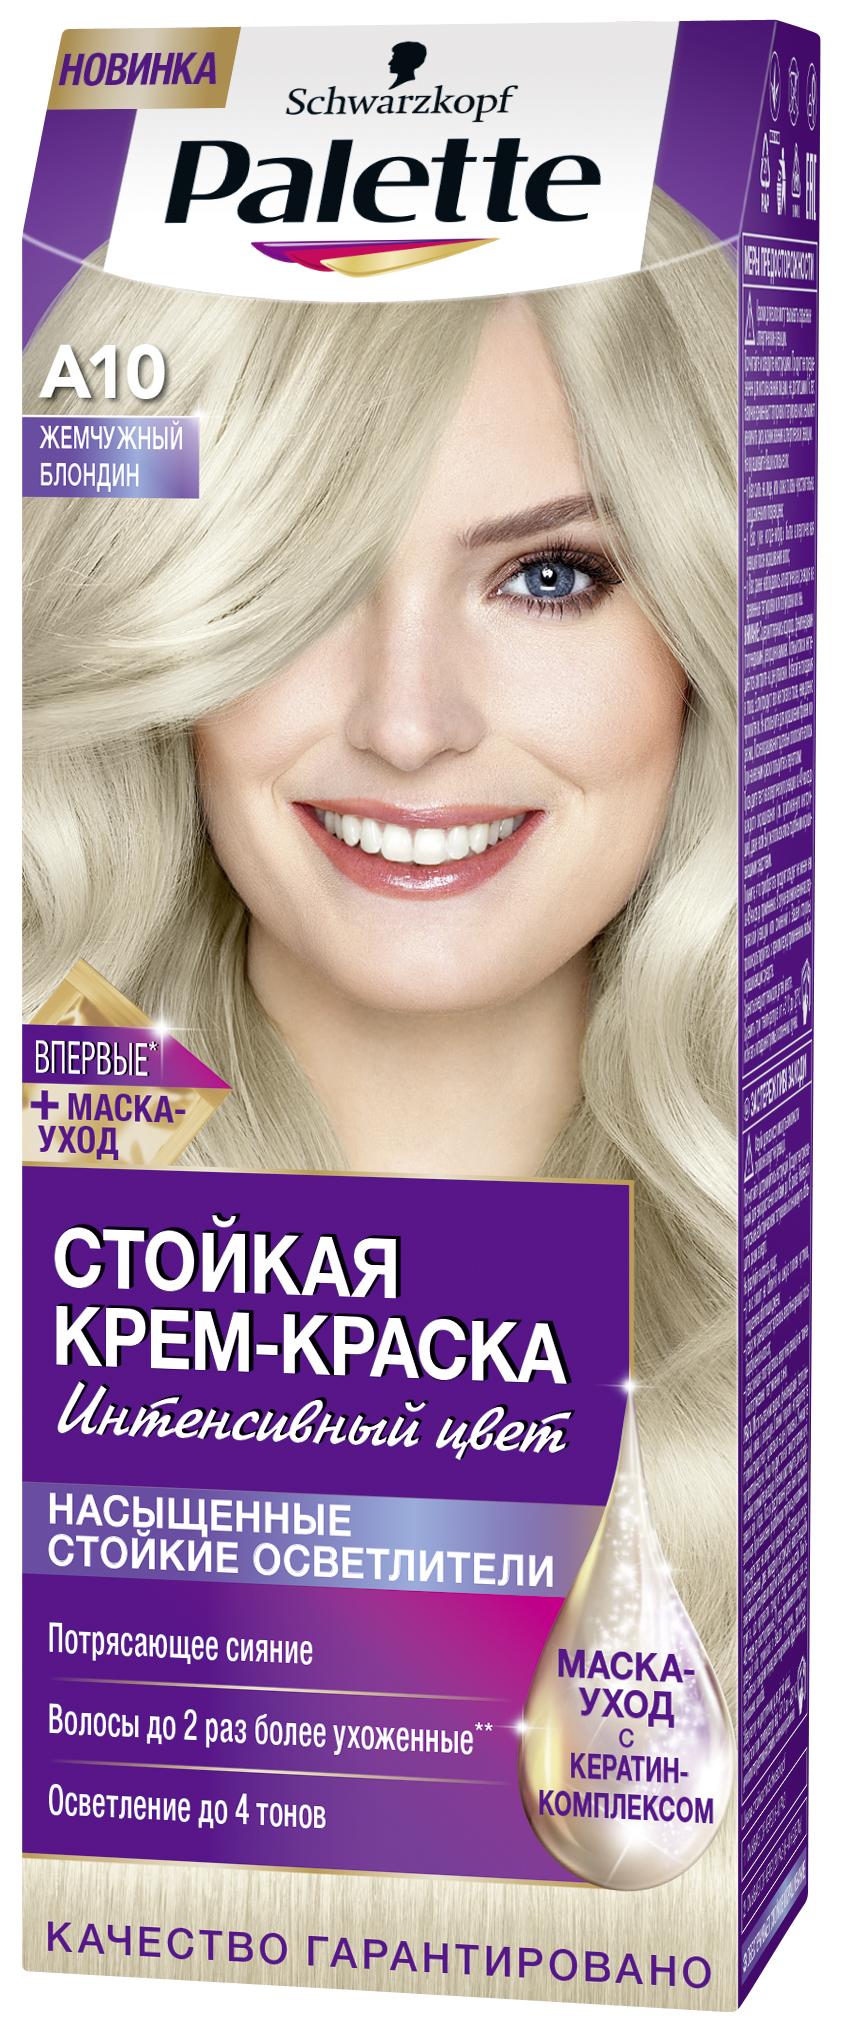 Palette Стойкая крем-краска A10 Жемчужный блондин 110 мл цена